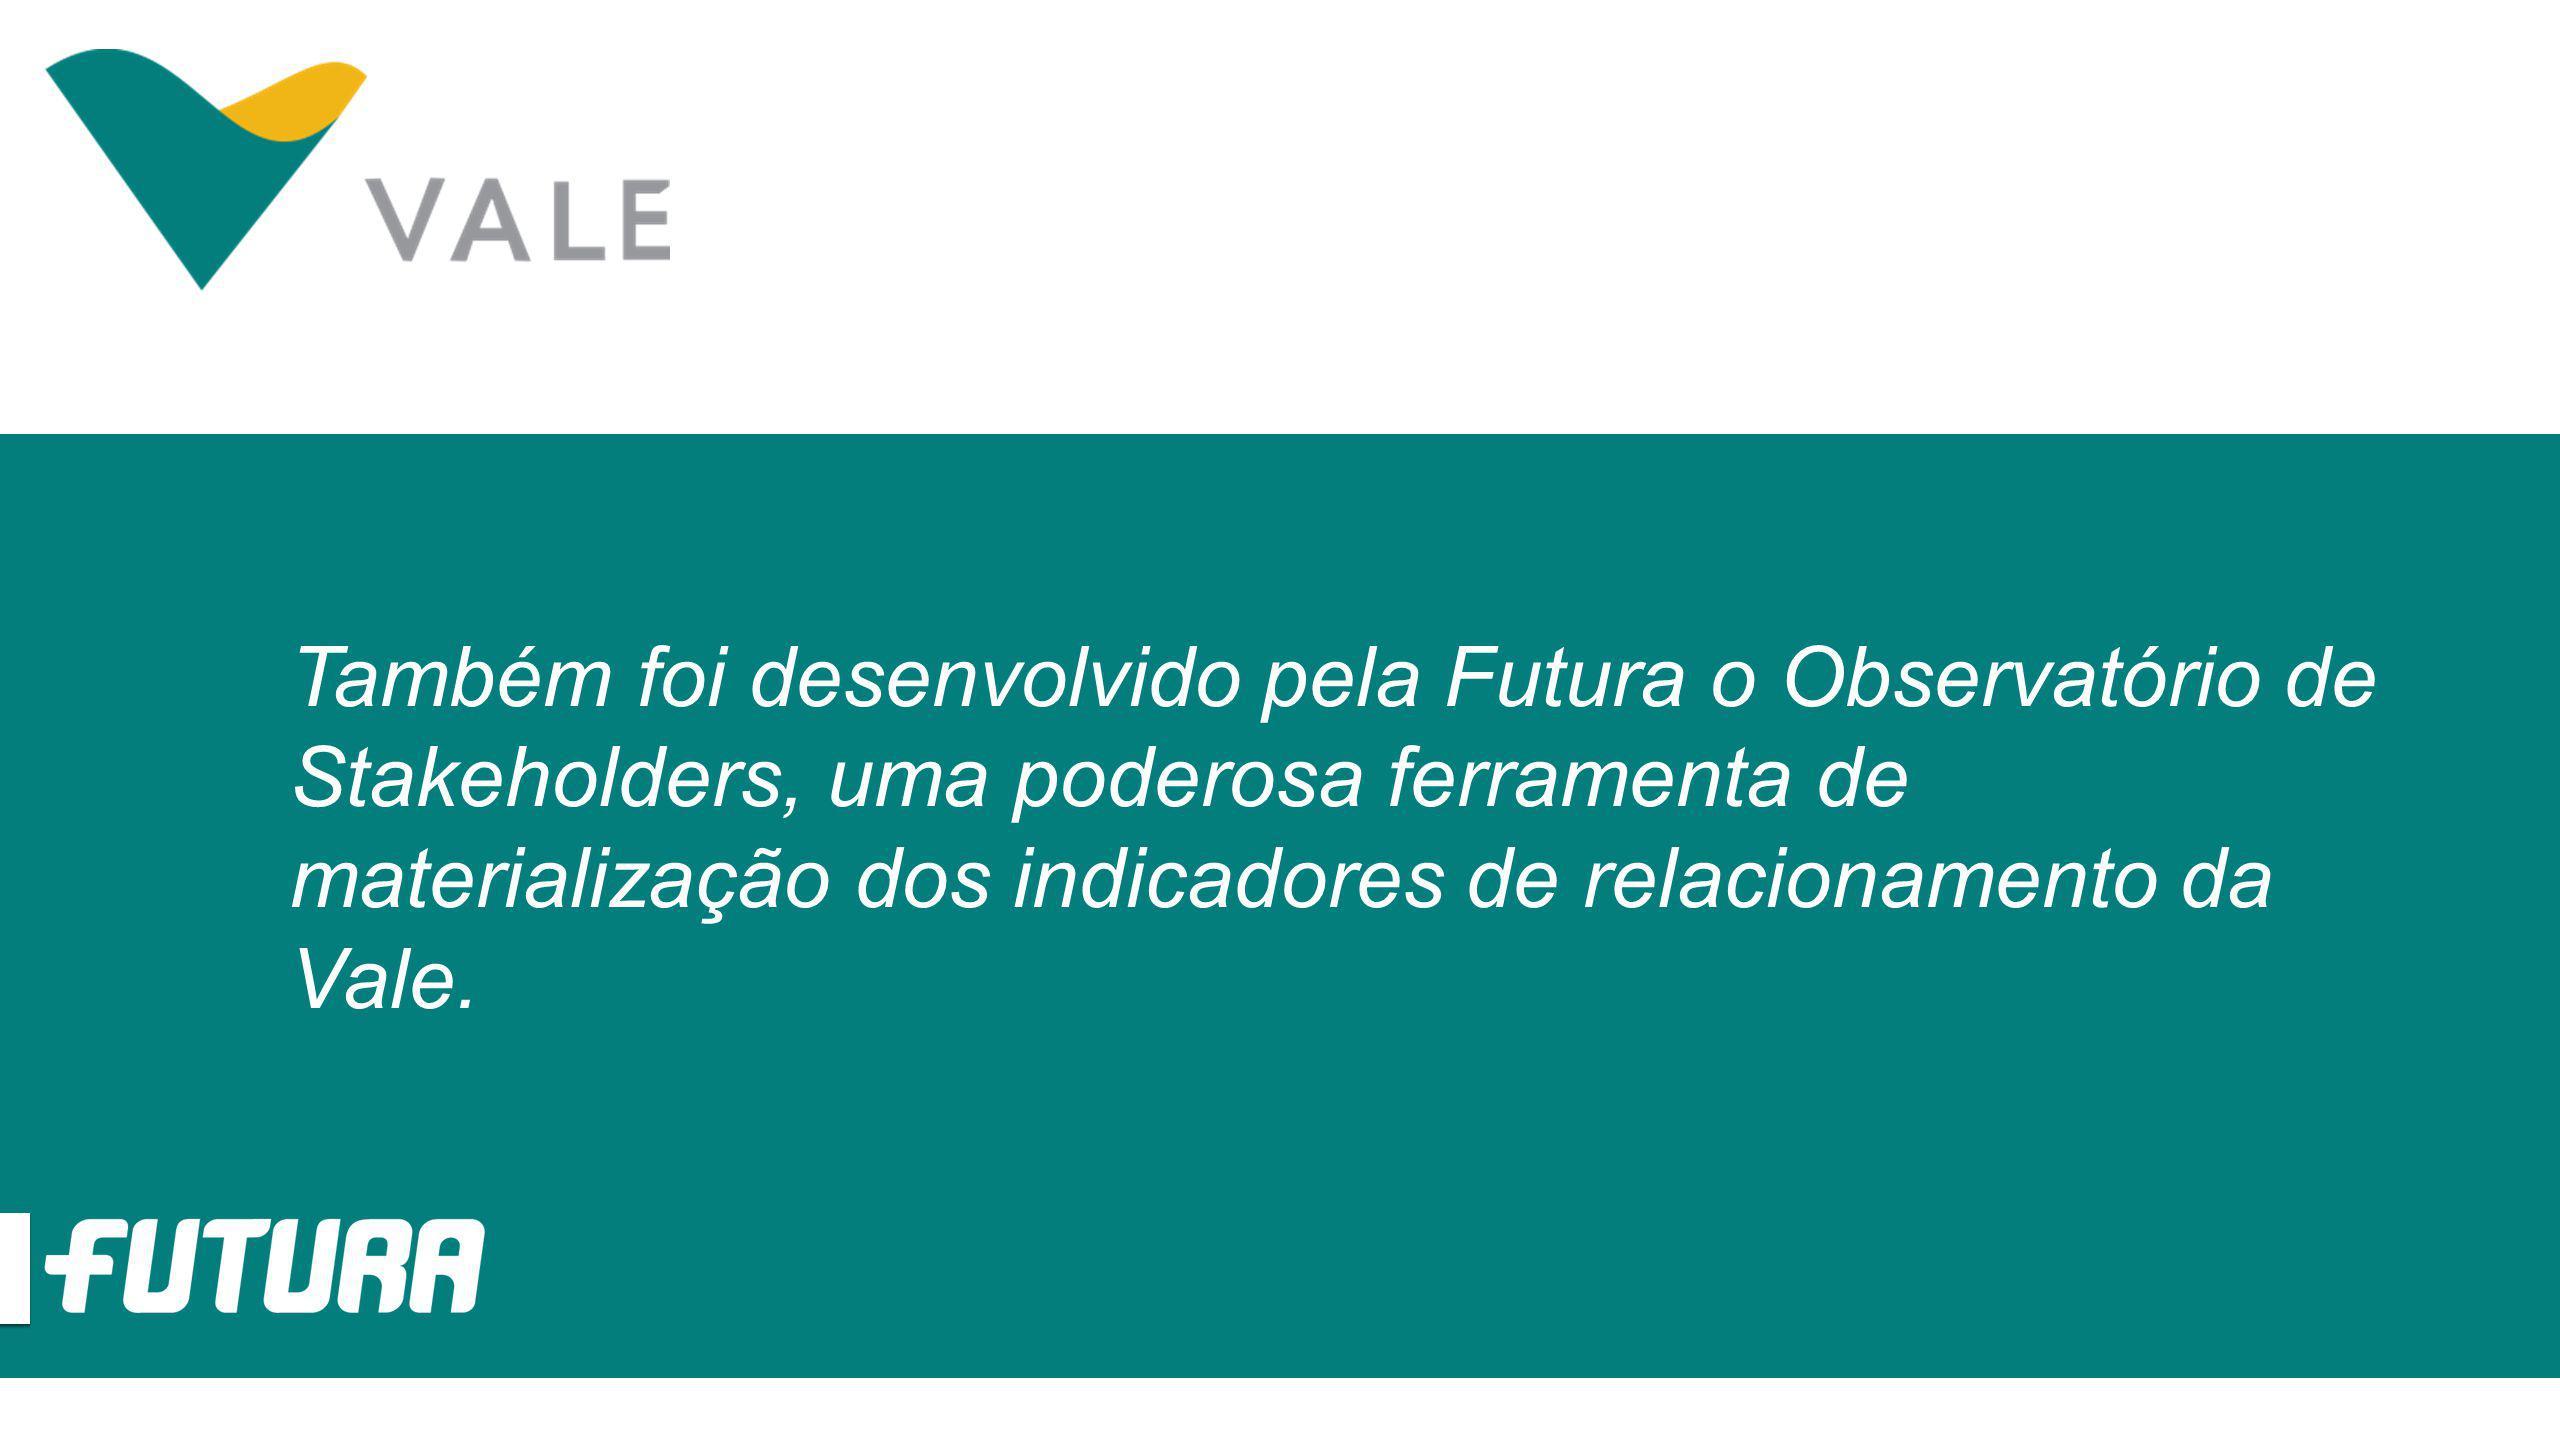 Também foi desenvolvido pela Futura o Observatório de Stakeholders, uma poderosa ferramenta de materialização dos indicadores de relacionamento da Val